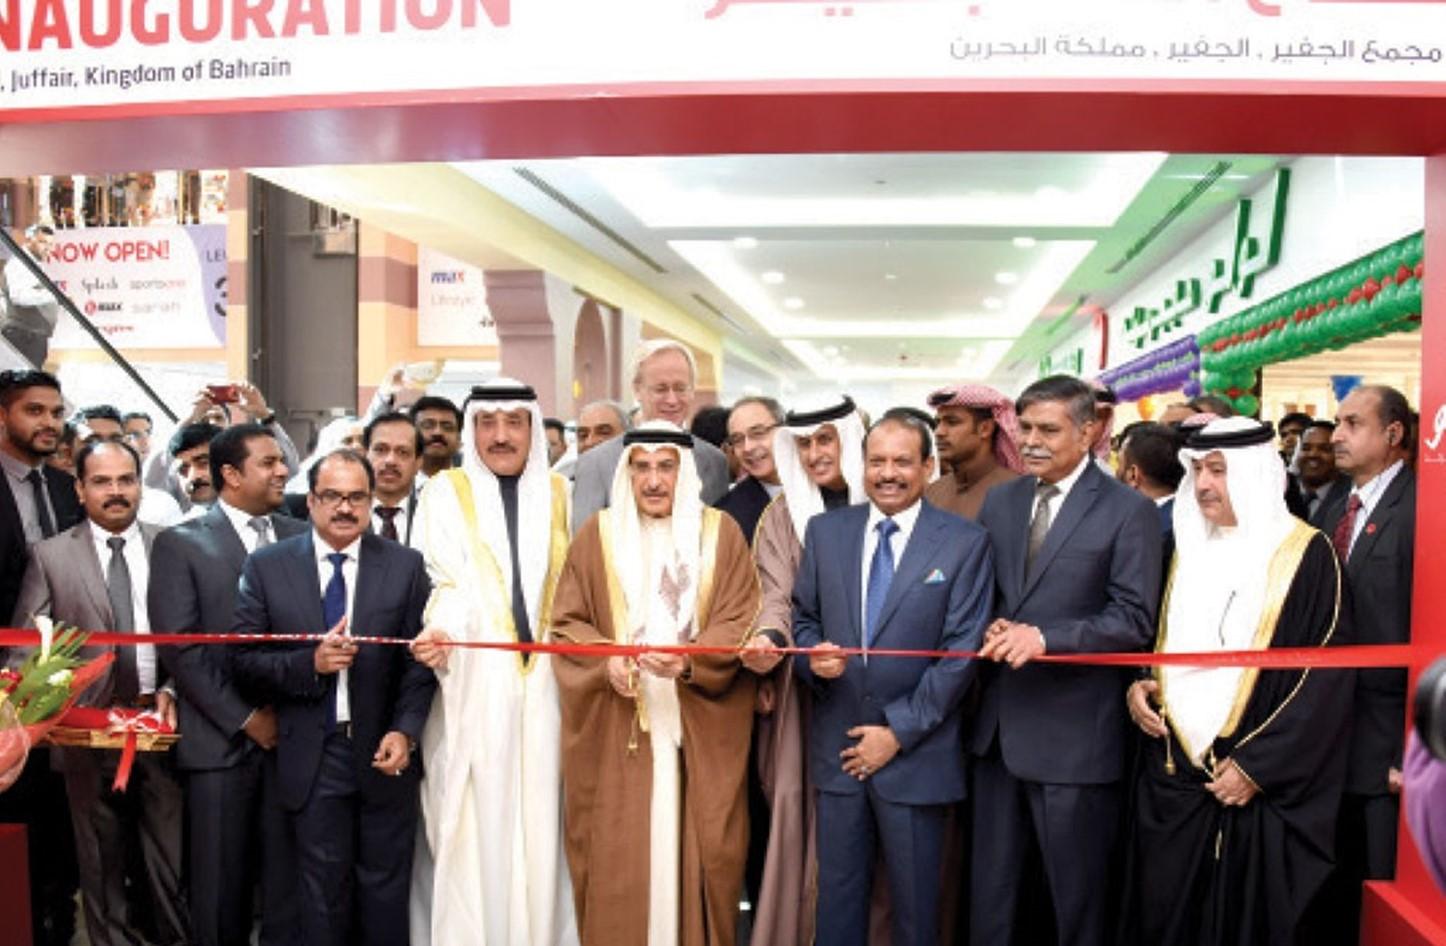 انتشار فيروس«كورونا»في أحد أكبر الأسواق في البحرين